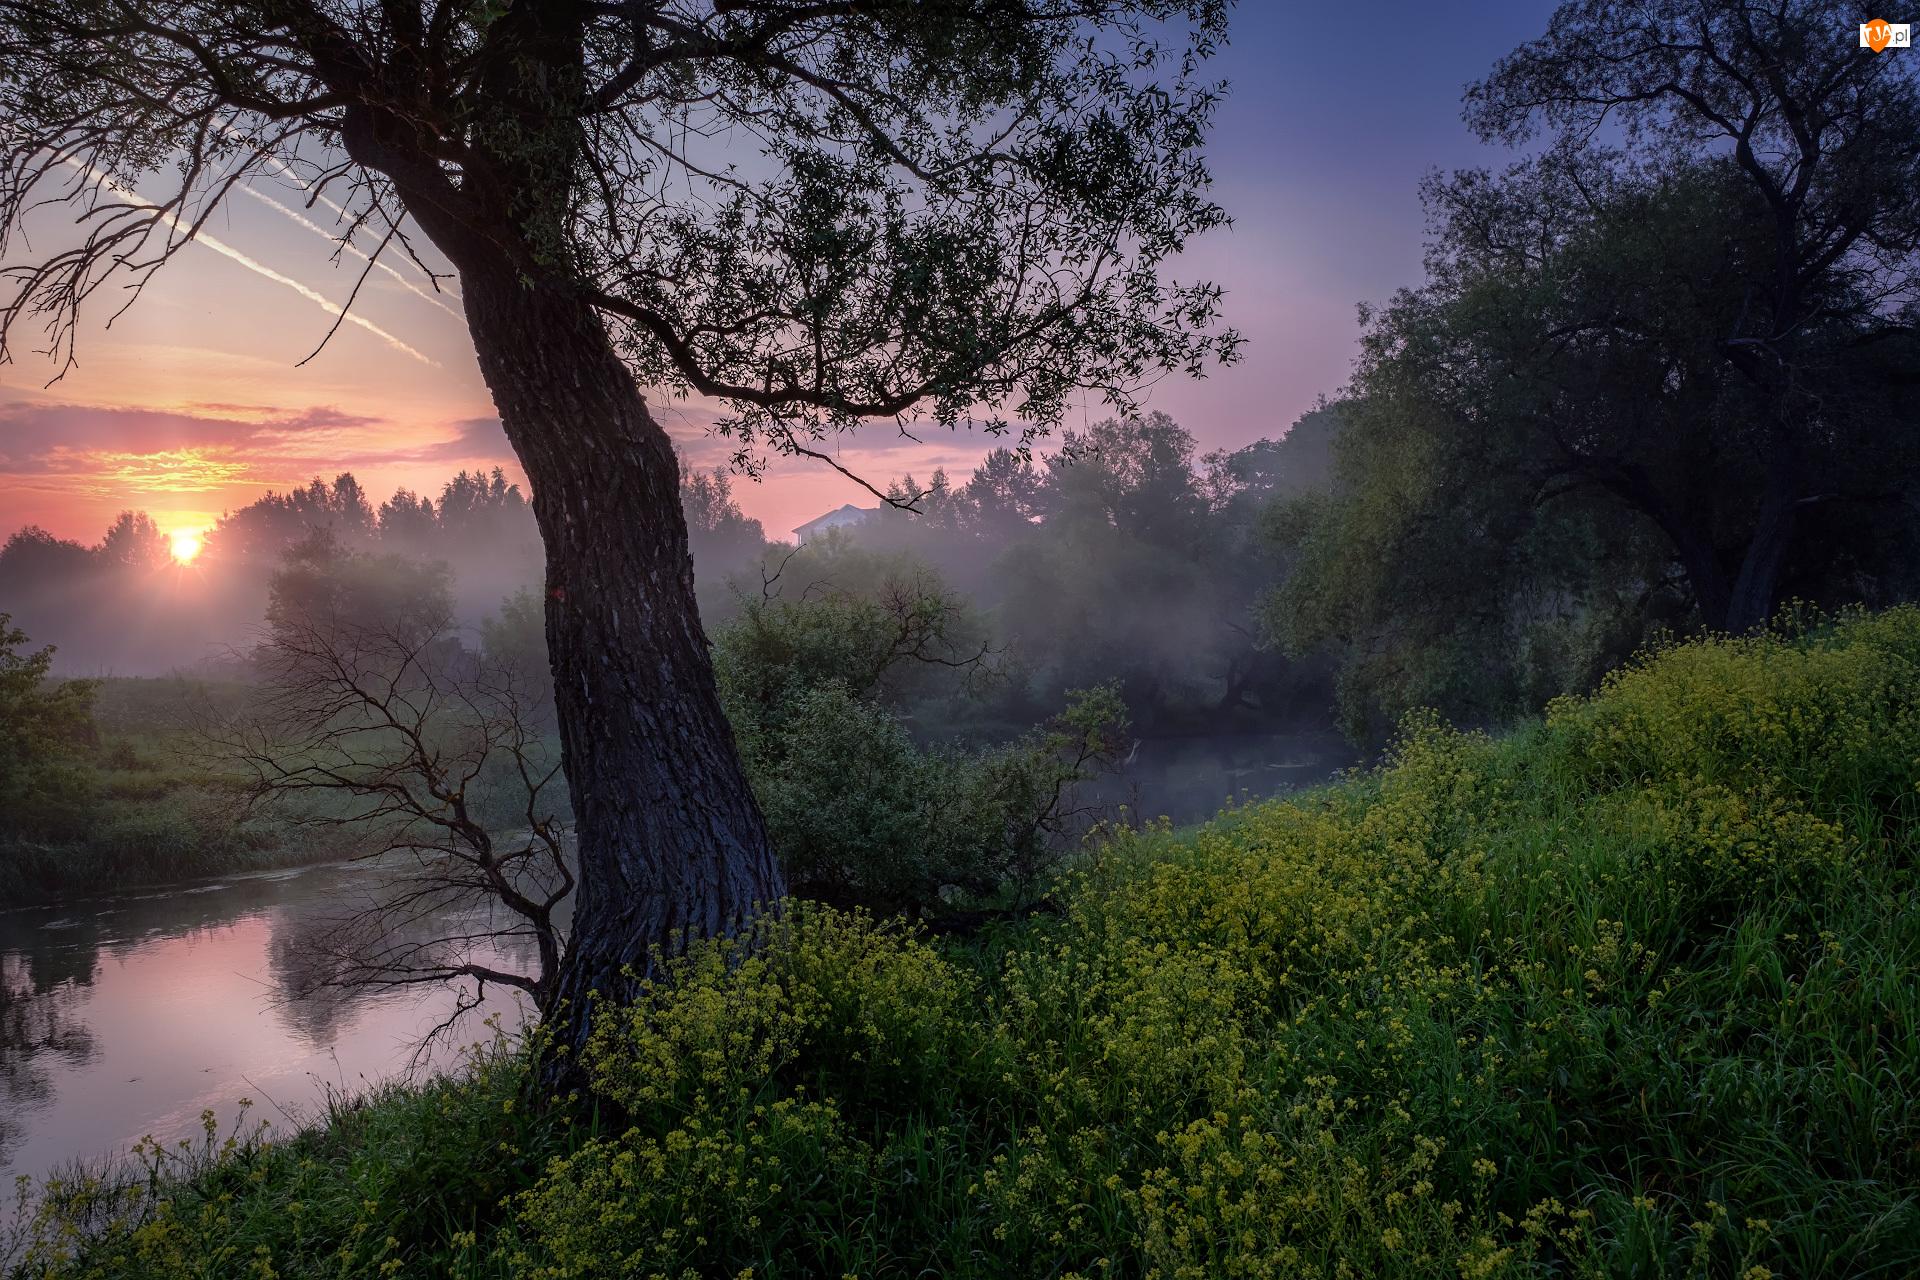 Drzewa, Rzeka Istra, Mgła, Rosja, Wschód słońca, Obwód moskiewski